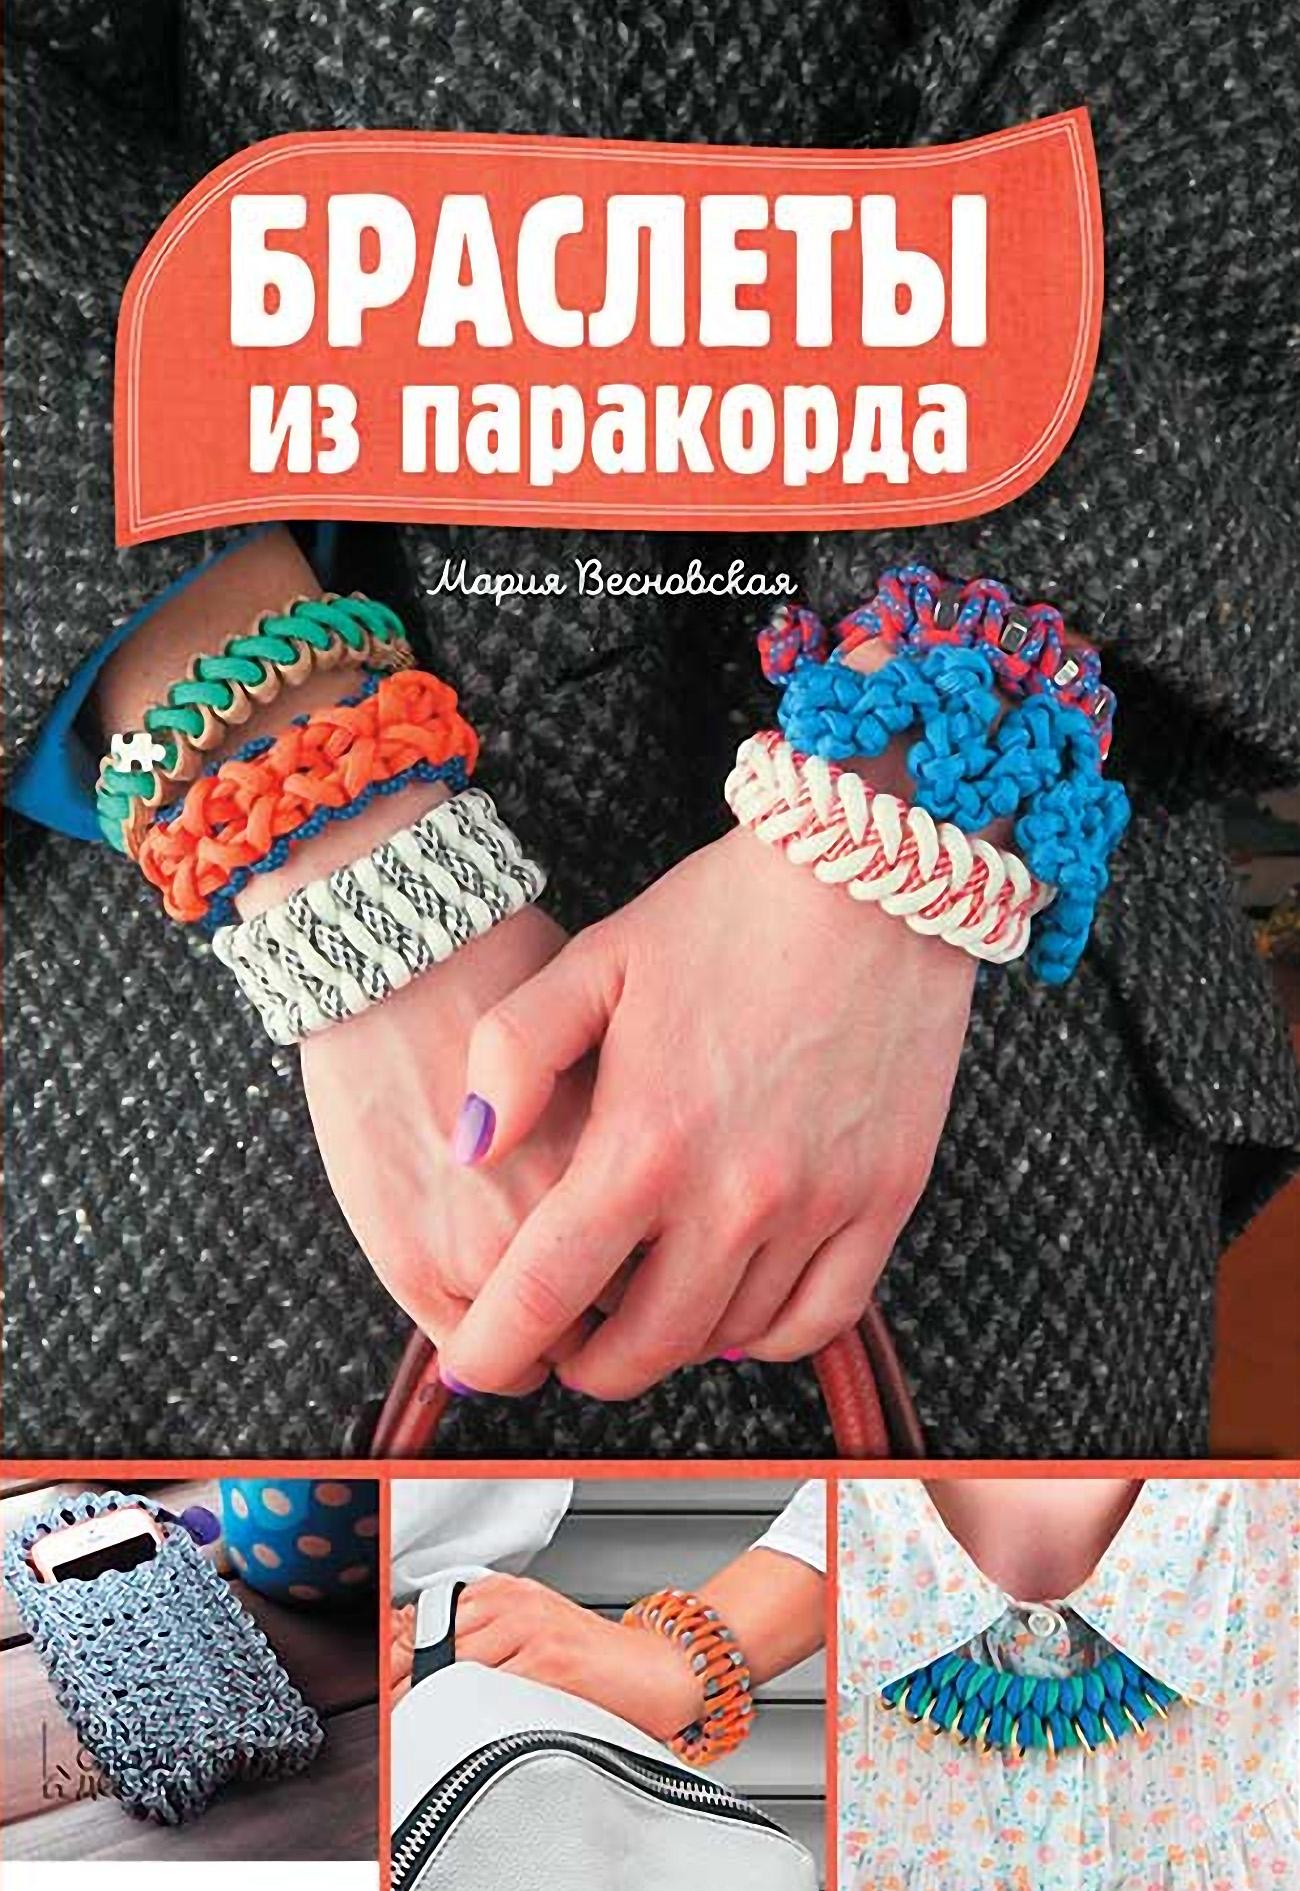 Мария Весновская Браслеты из паракорда мужские браслеты из золота